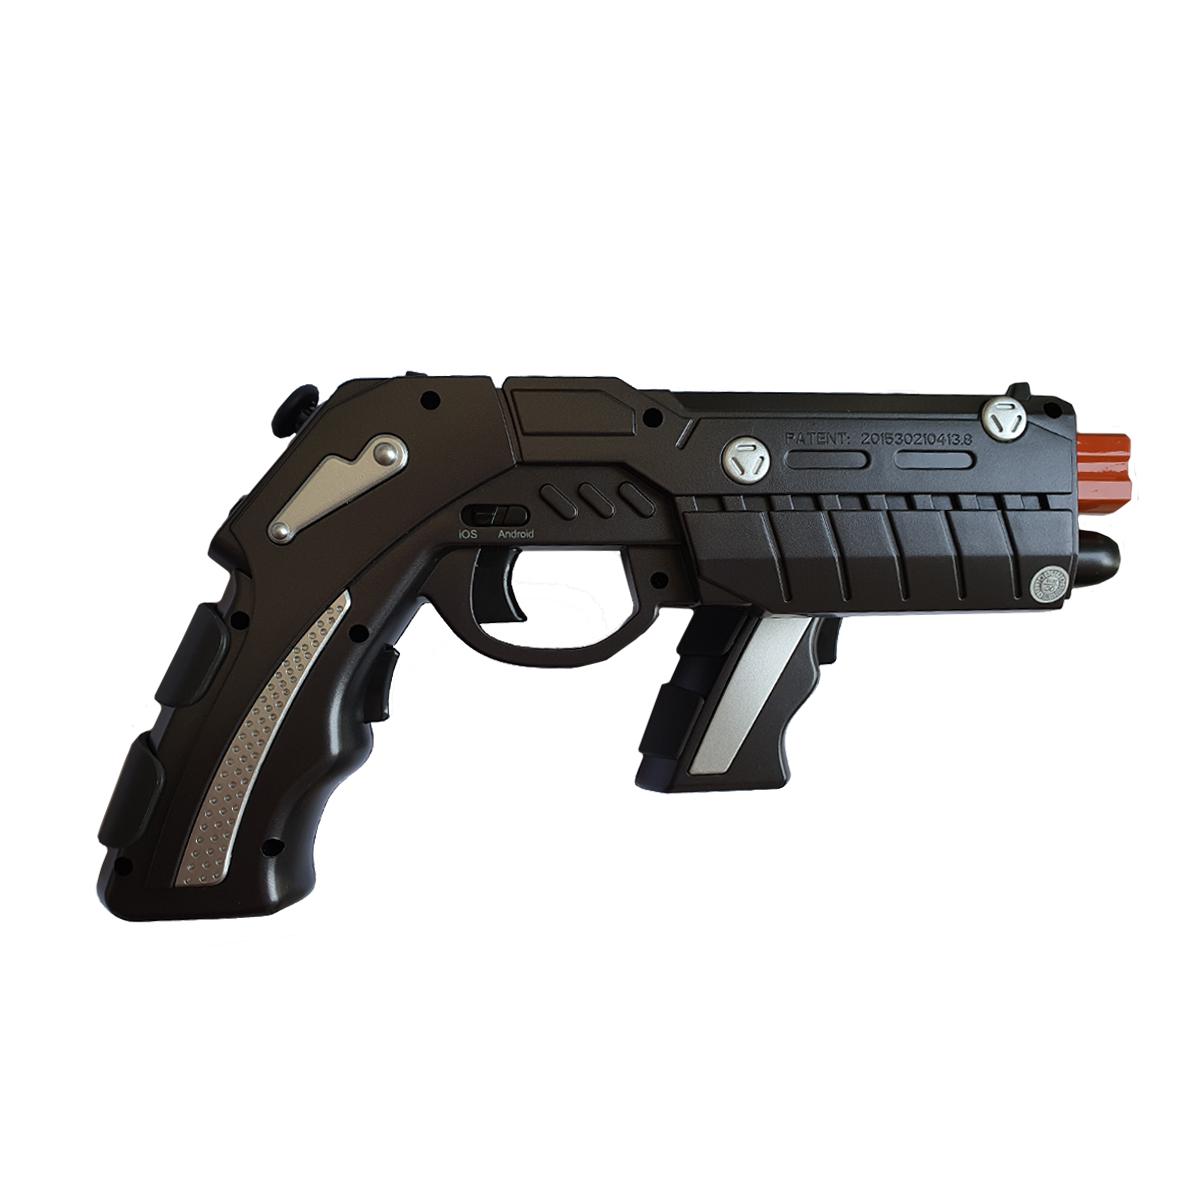 دسته بازی آی پگا مدل  TPS-4142